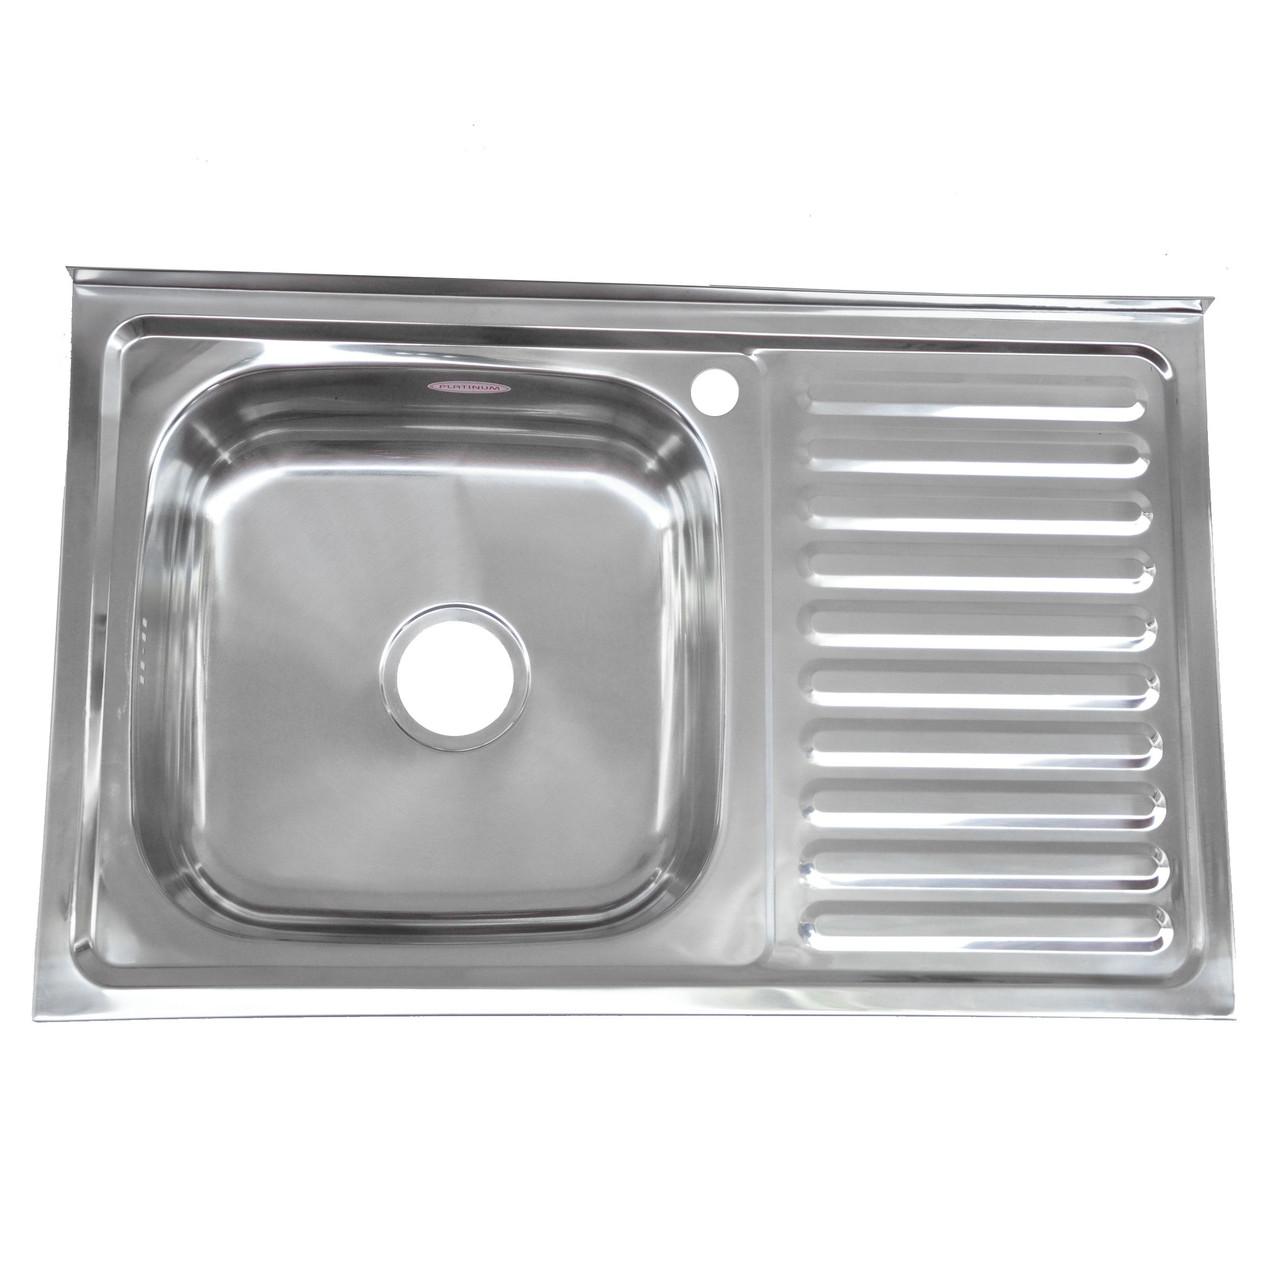 Кухонная мойка стальная Platinum 8050 L Decor 0,7мм накладная